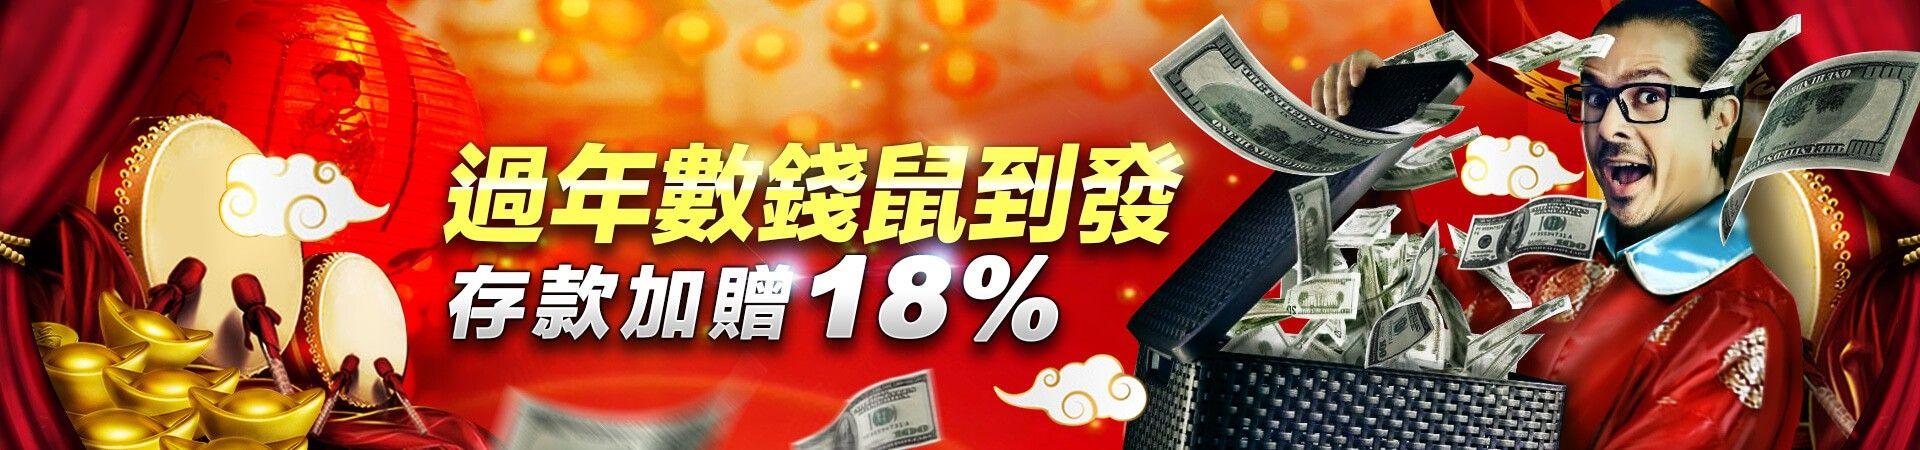 娛樂城新年鼠到發!存款加贈18%